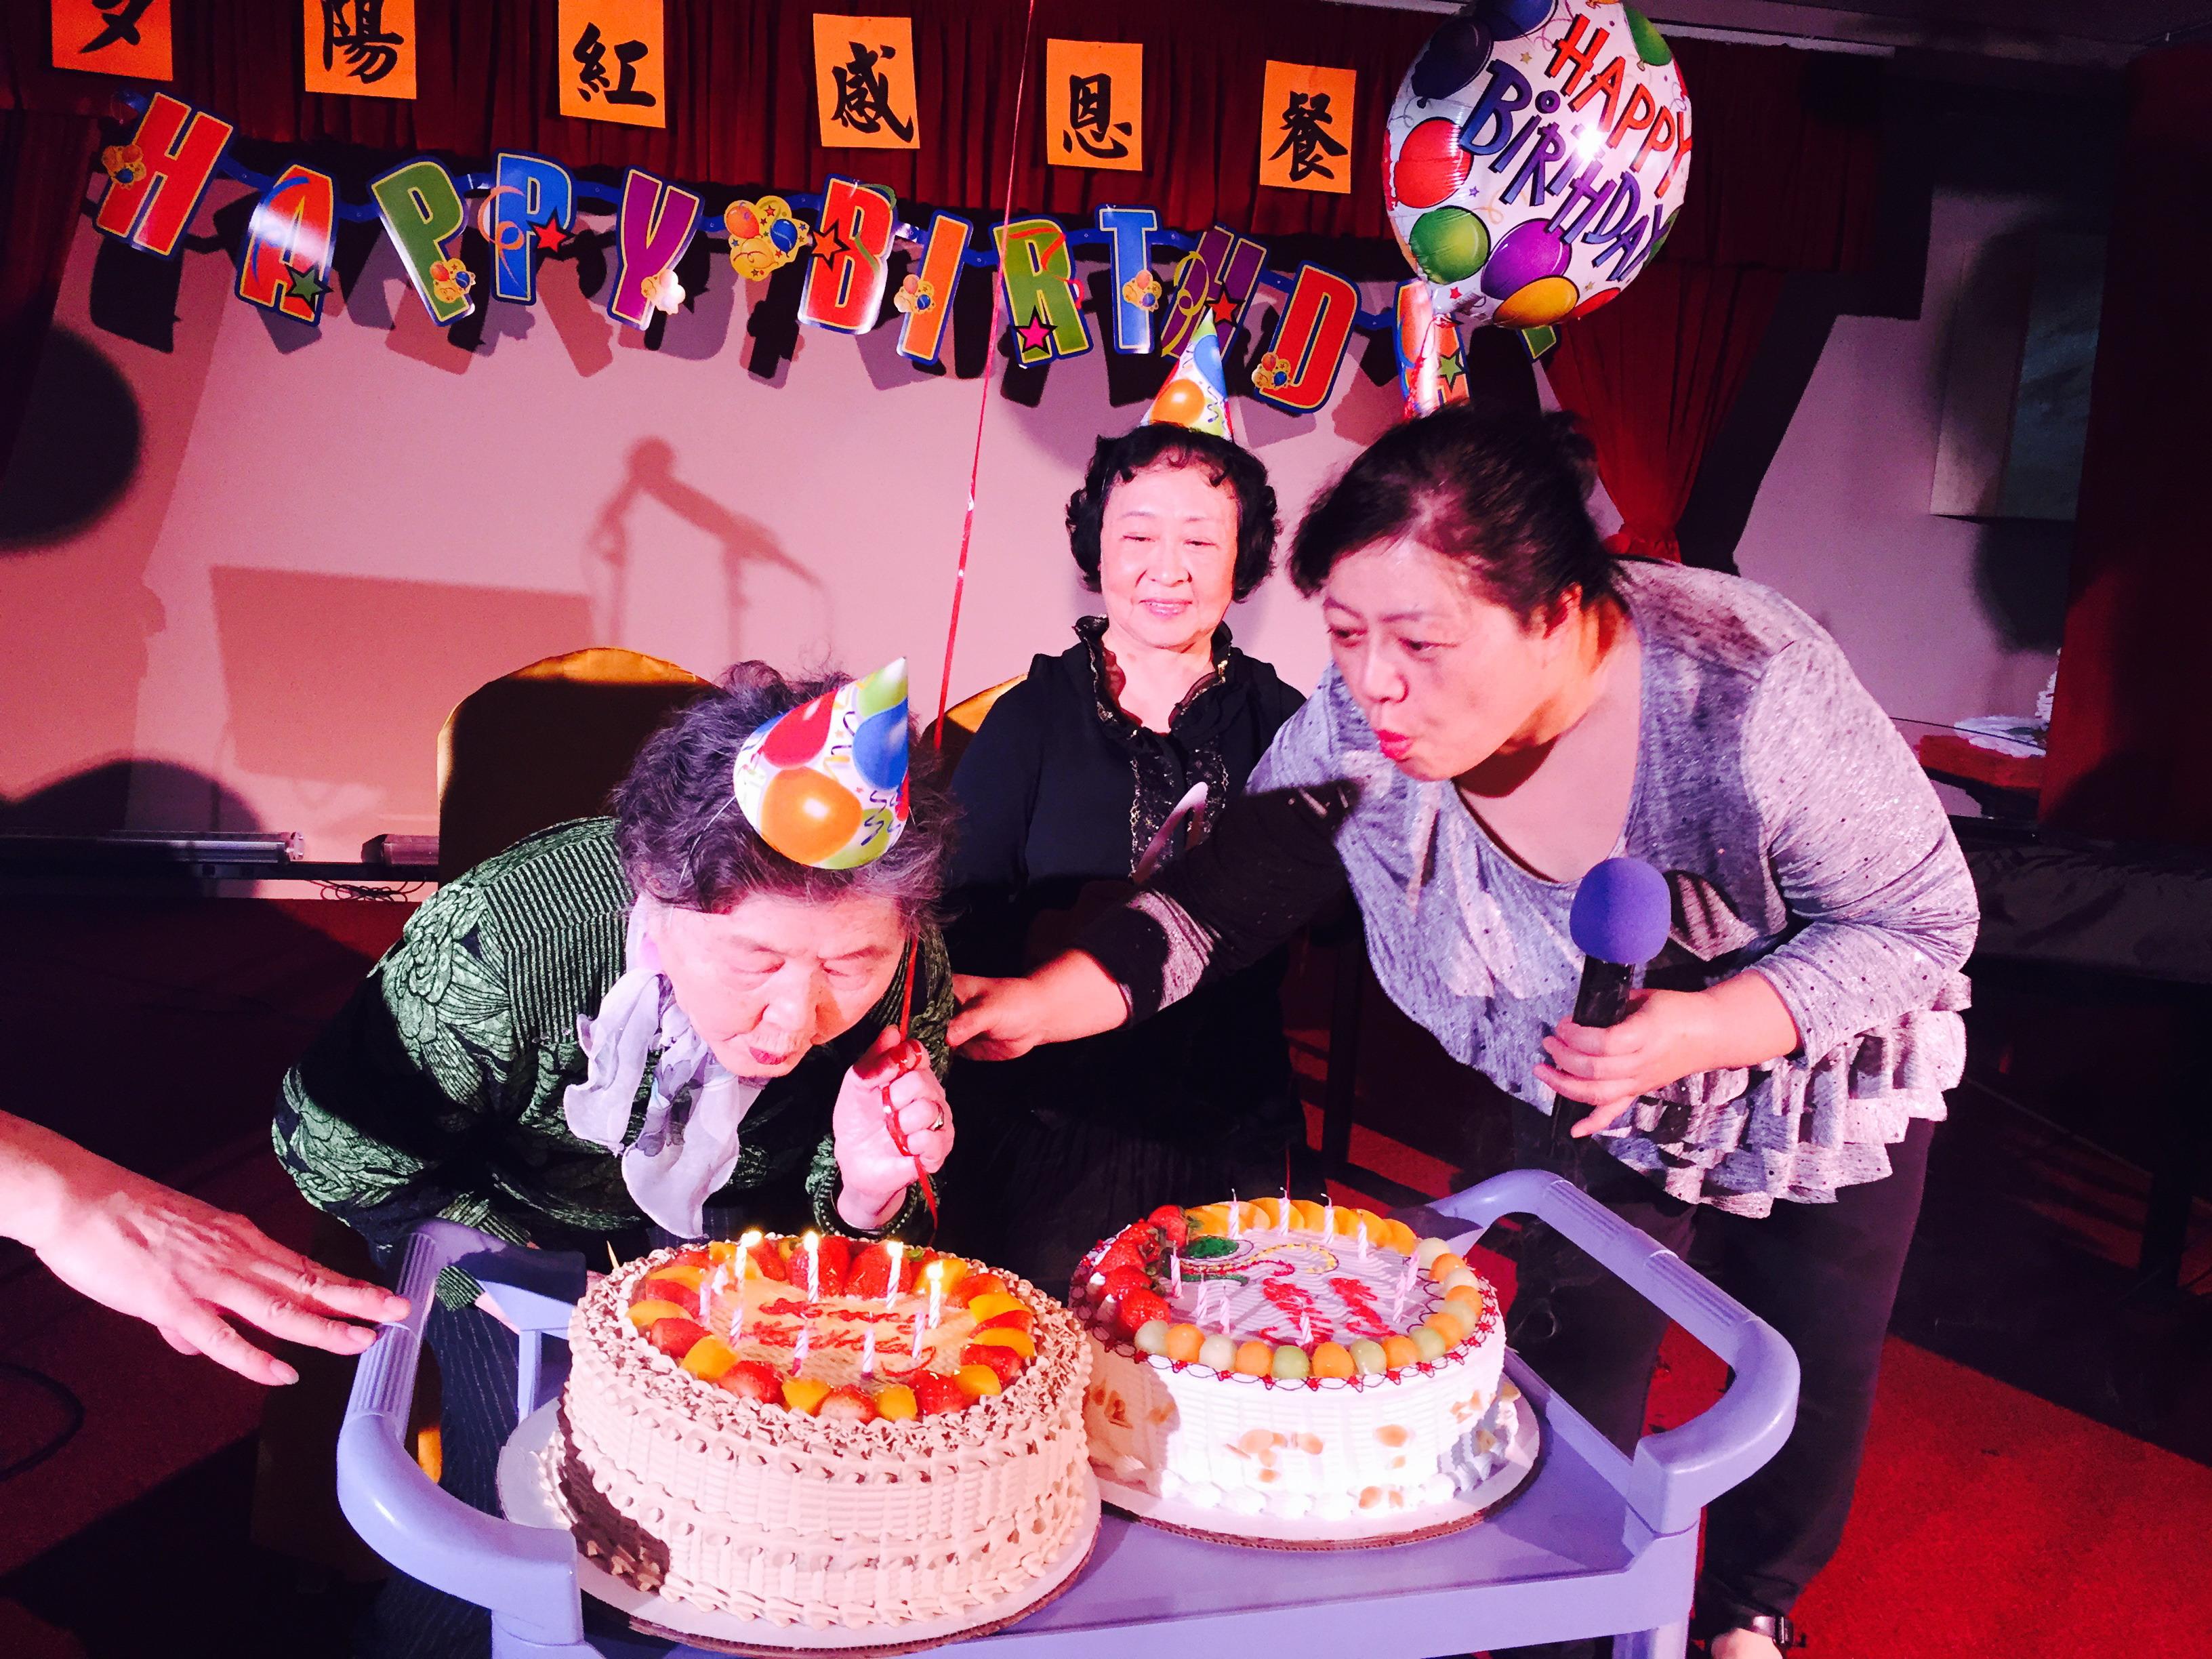 夕阳红老人日间护理中心感恩节前齐聚一堂欢度佳节【组图】_图1-4